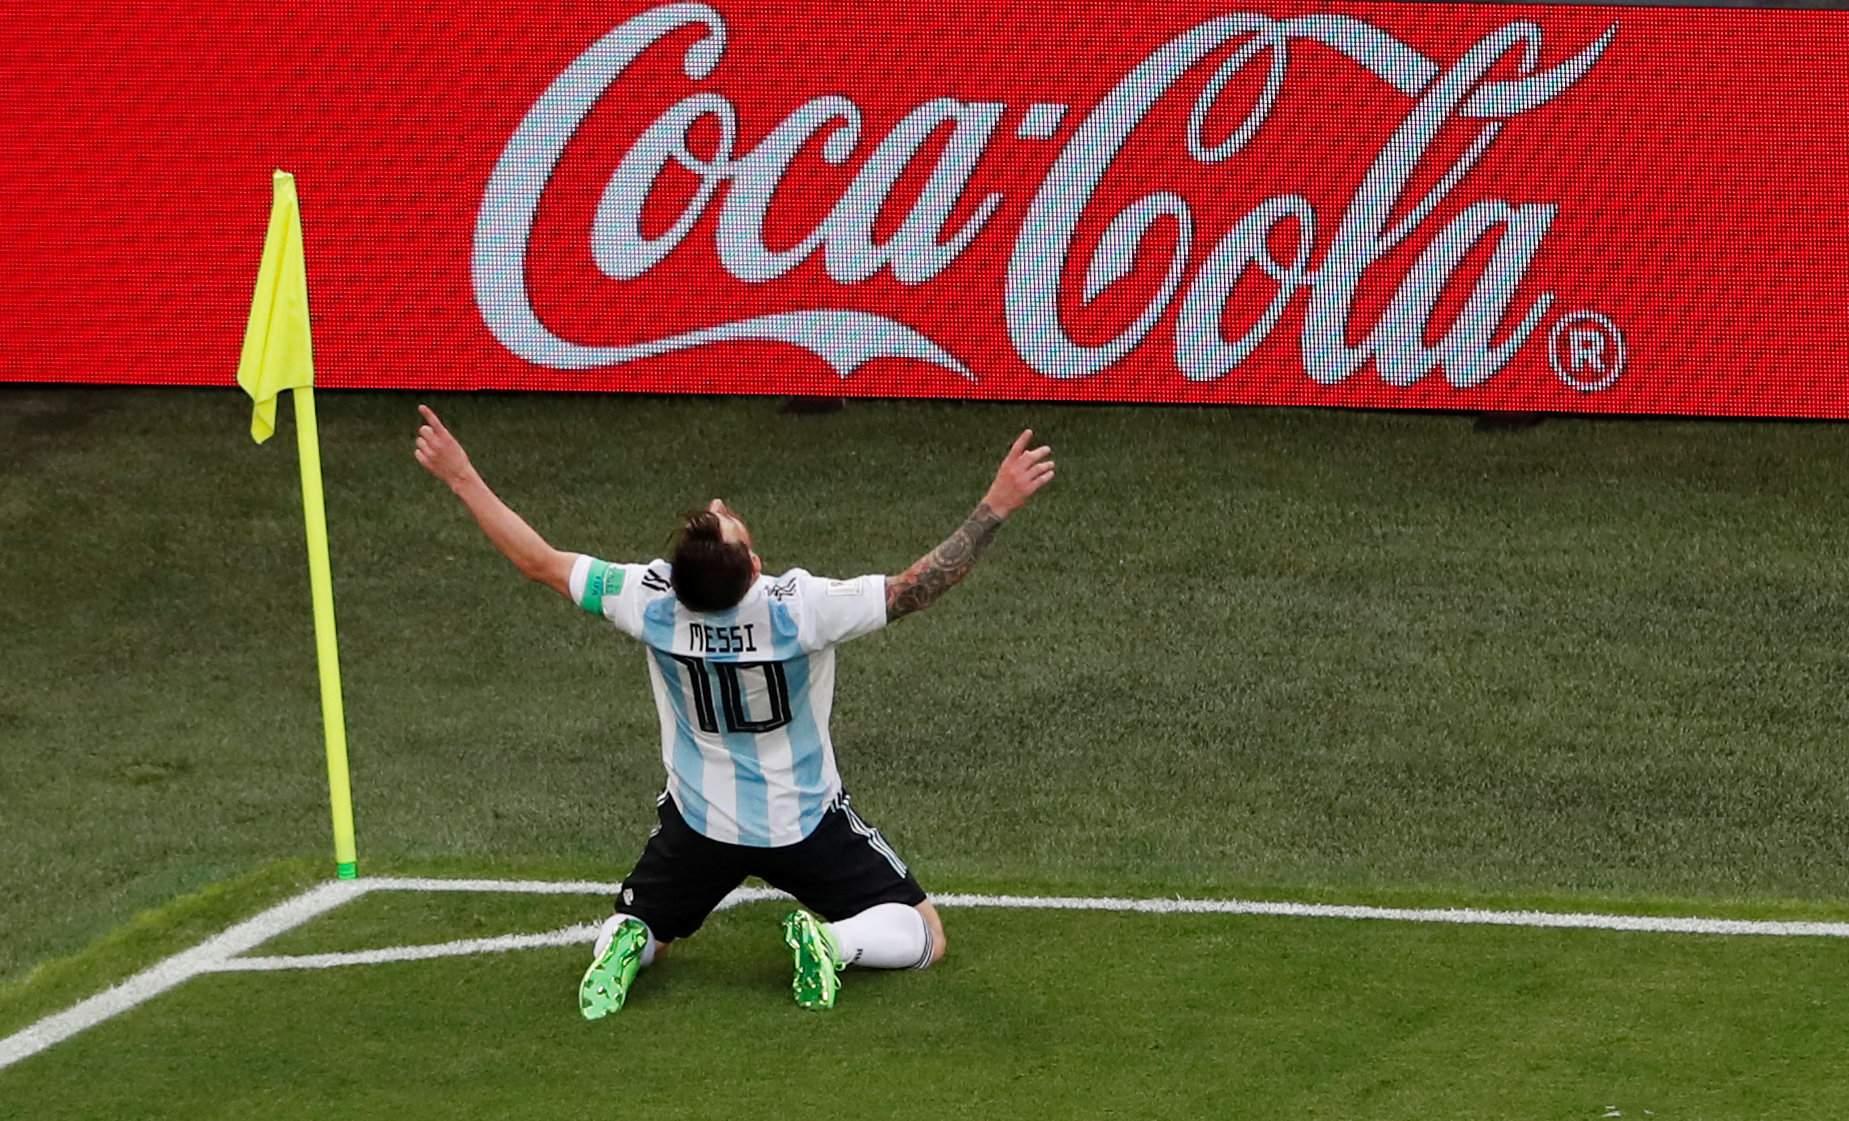 mundial-2018-messi-argentina-nigeria-reuters.jpg